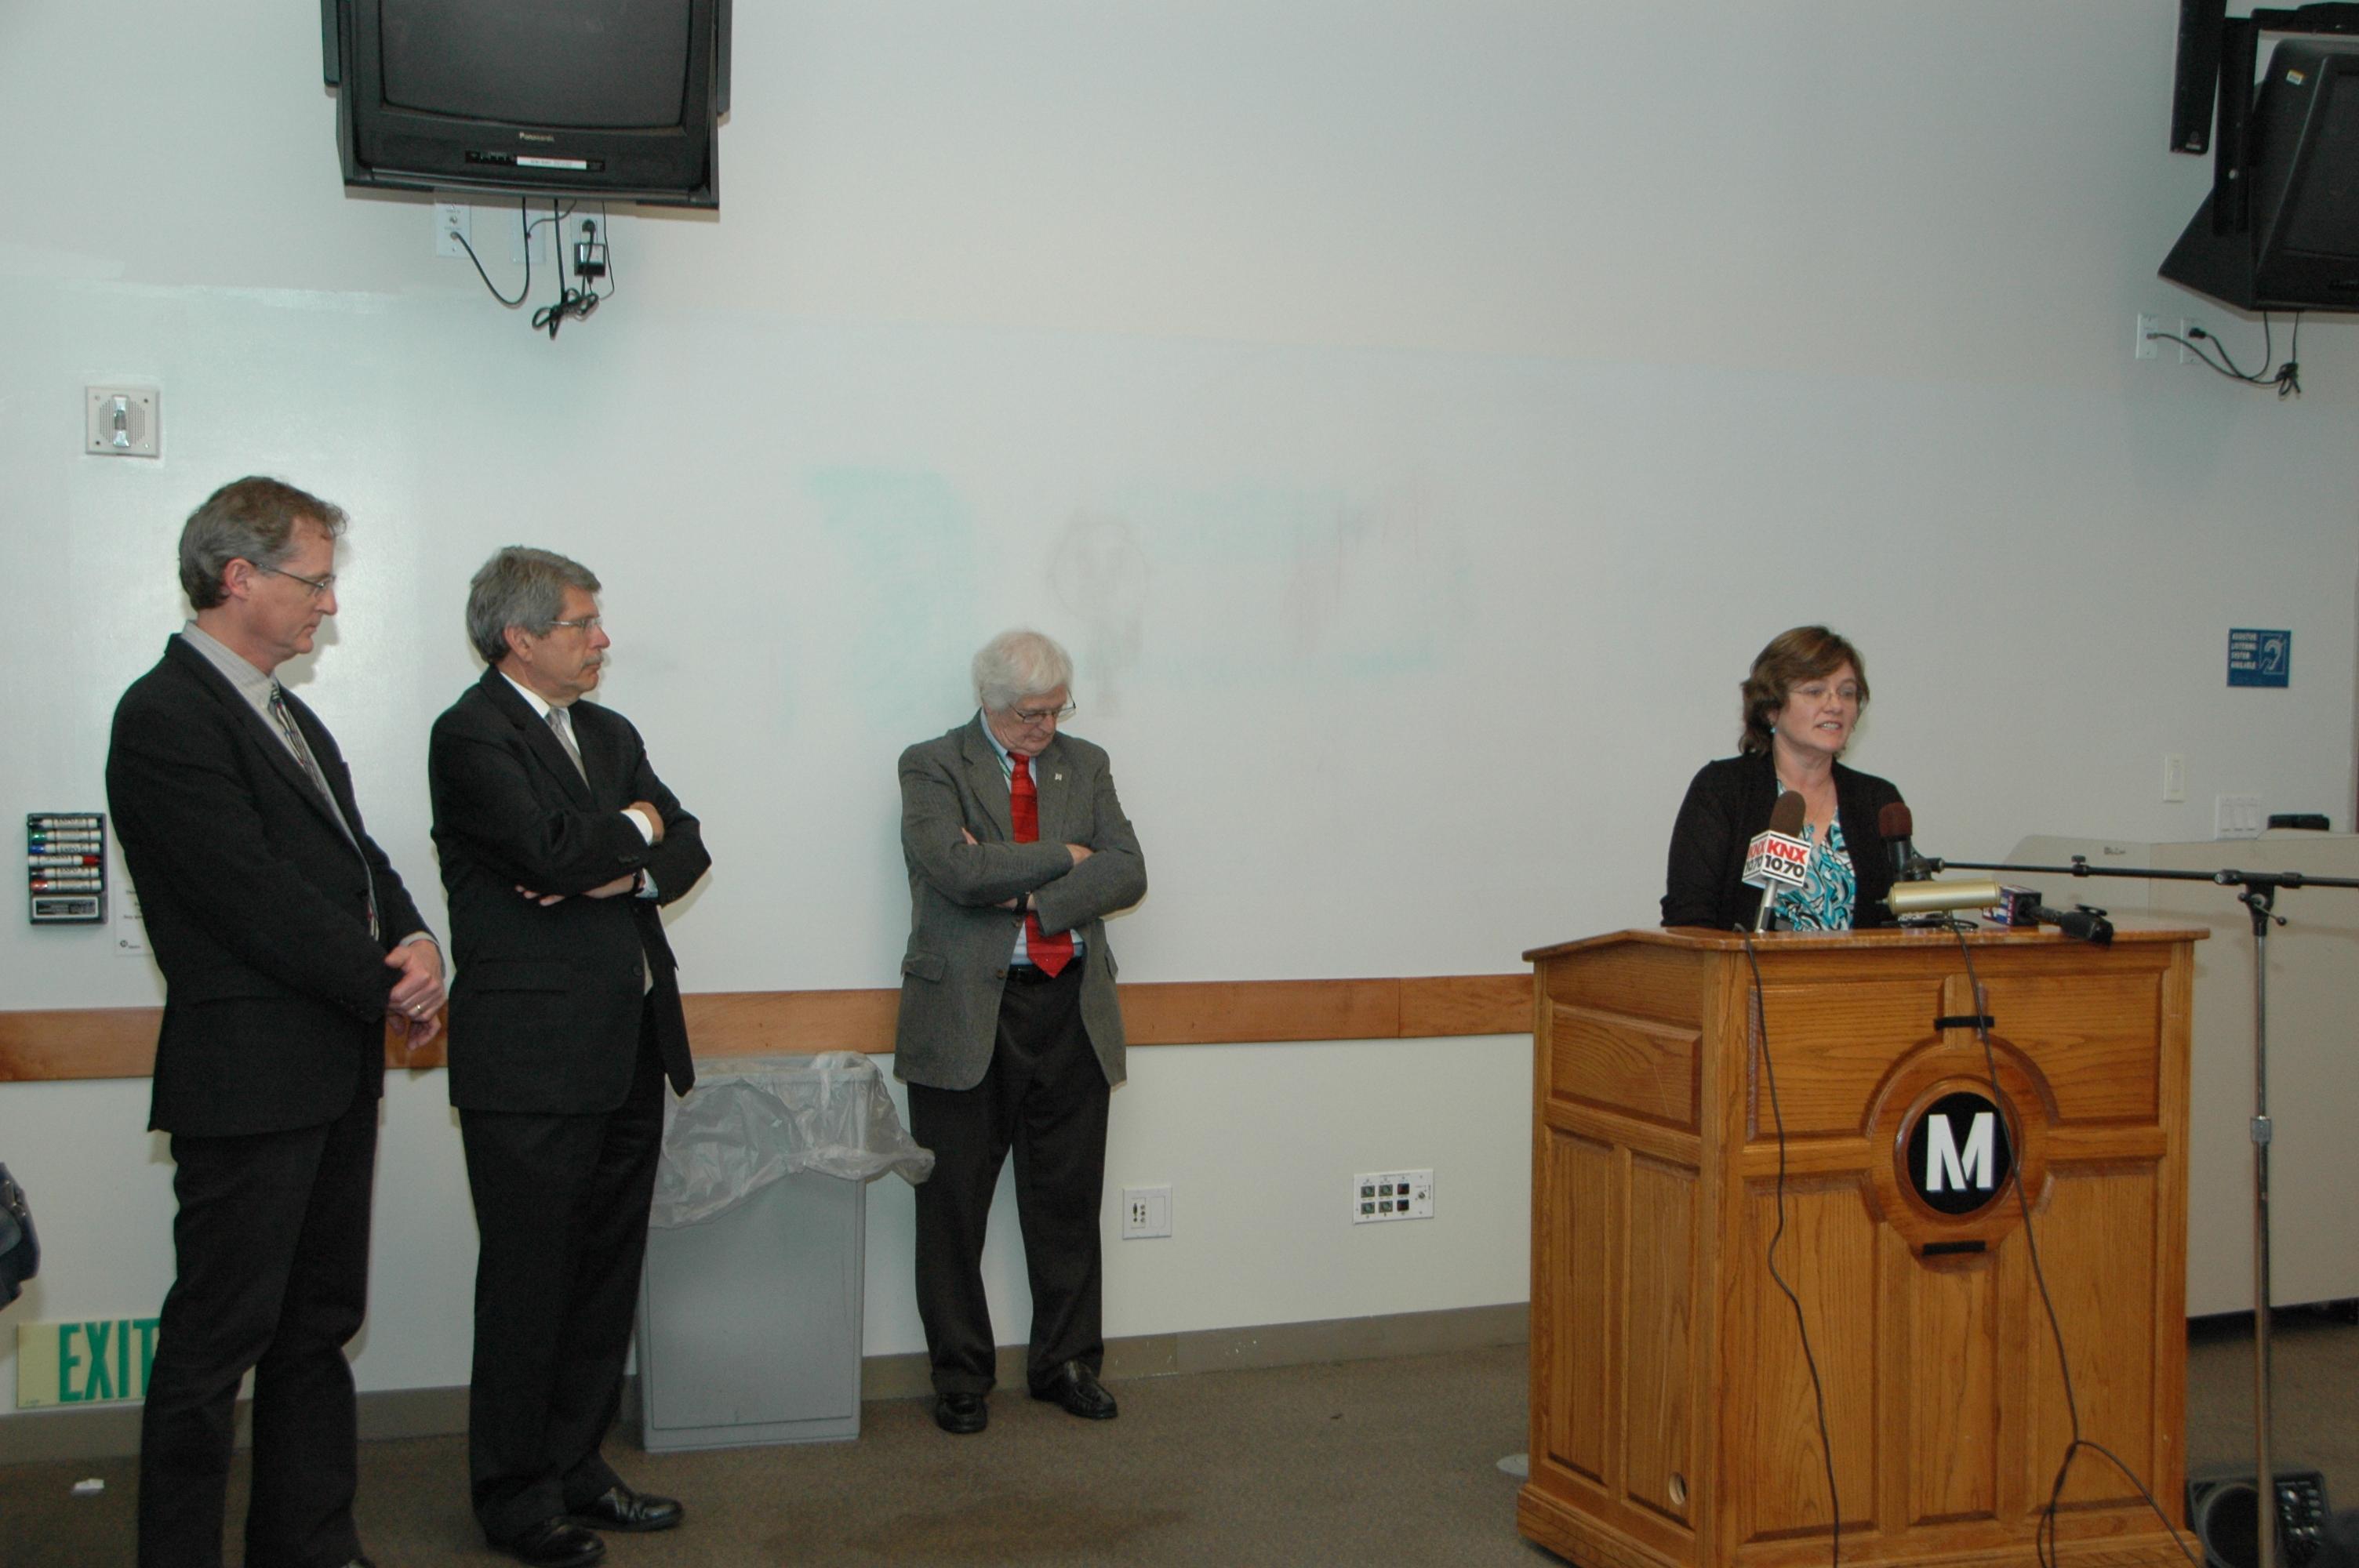 De izquierda a derecha, el Doctor James Dolan, el Supervisor del condado angelino Zev Yaroslavsky, el Doctor Harvey Parker y la Doctora Lucy Jones. (Foto Luis Inzunza/El Pasajero).